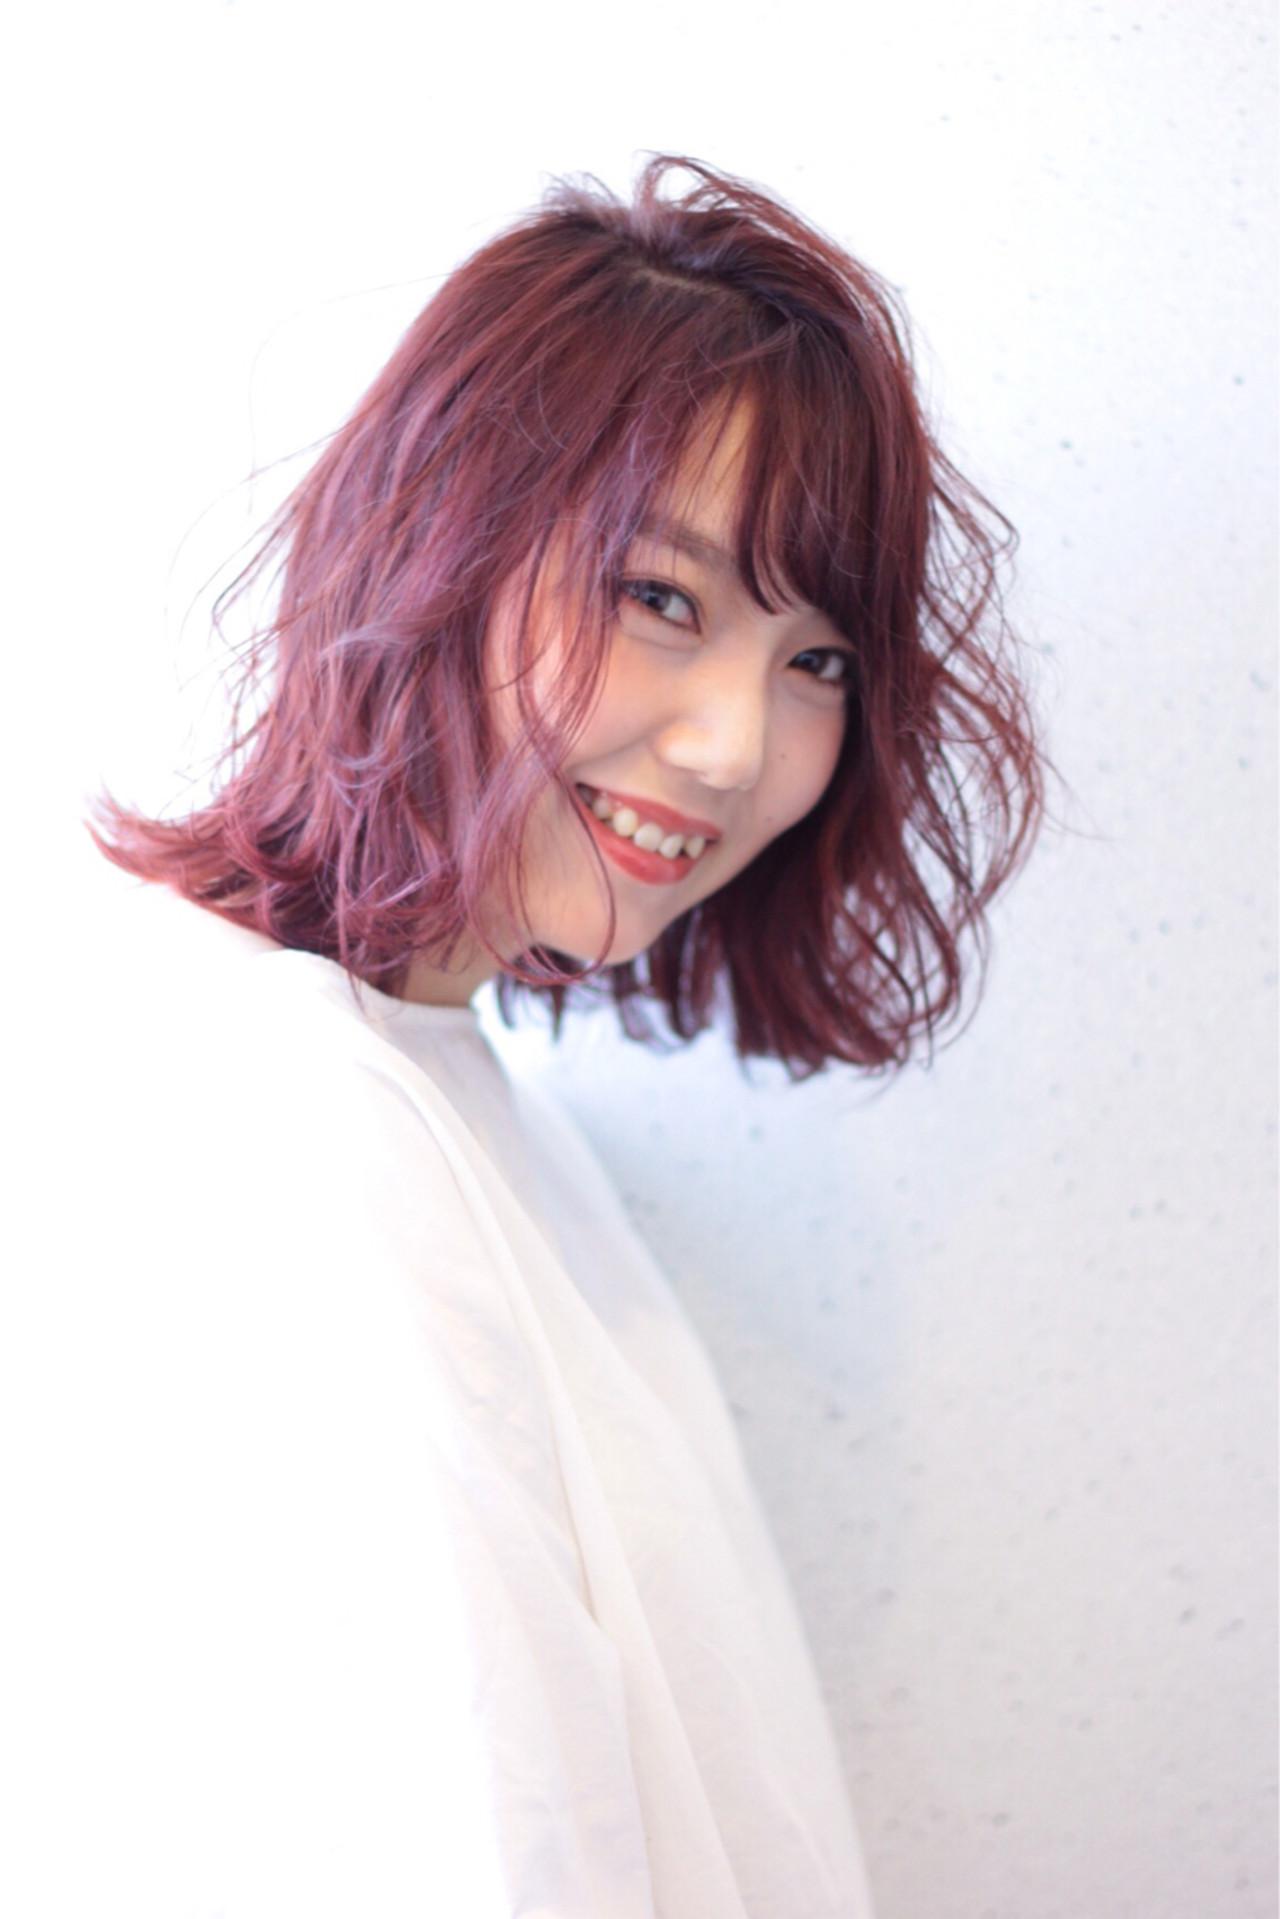 ベージュ ラベンダーピンク ラベンダー ボブ ヘアスタイルや髪型の写真・画像